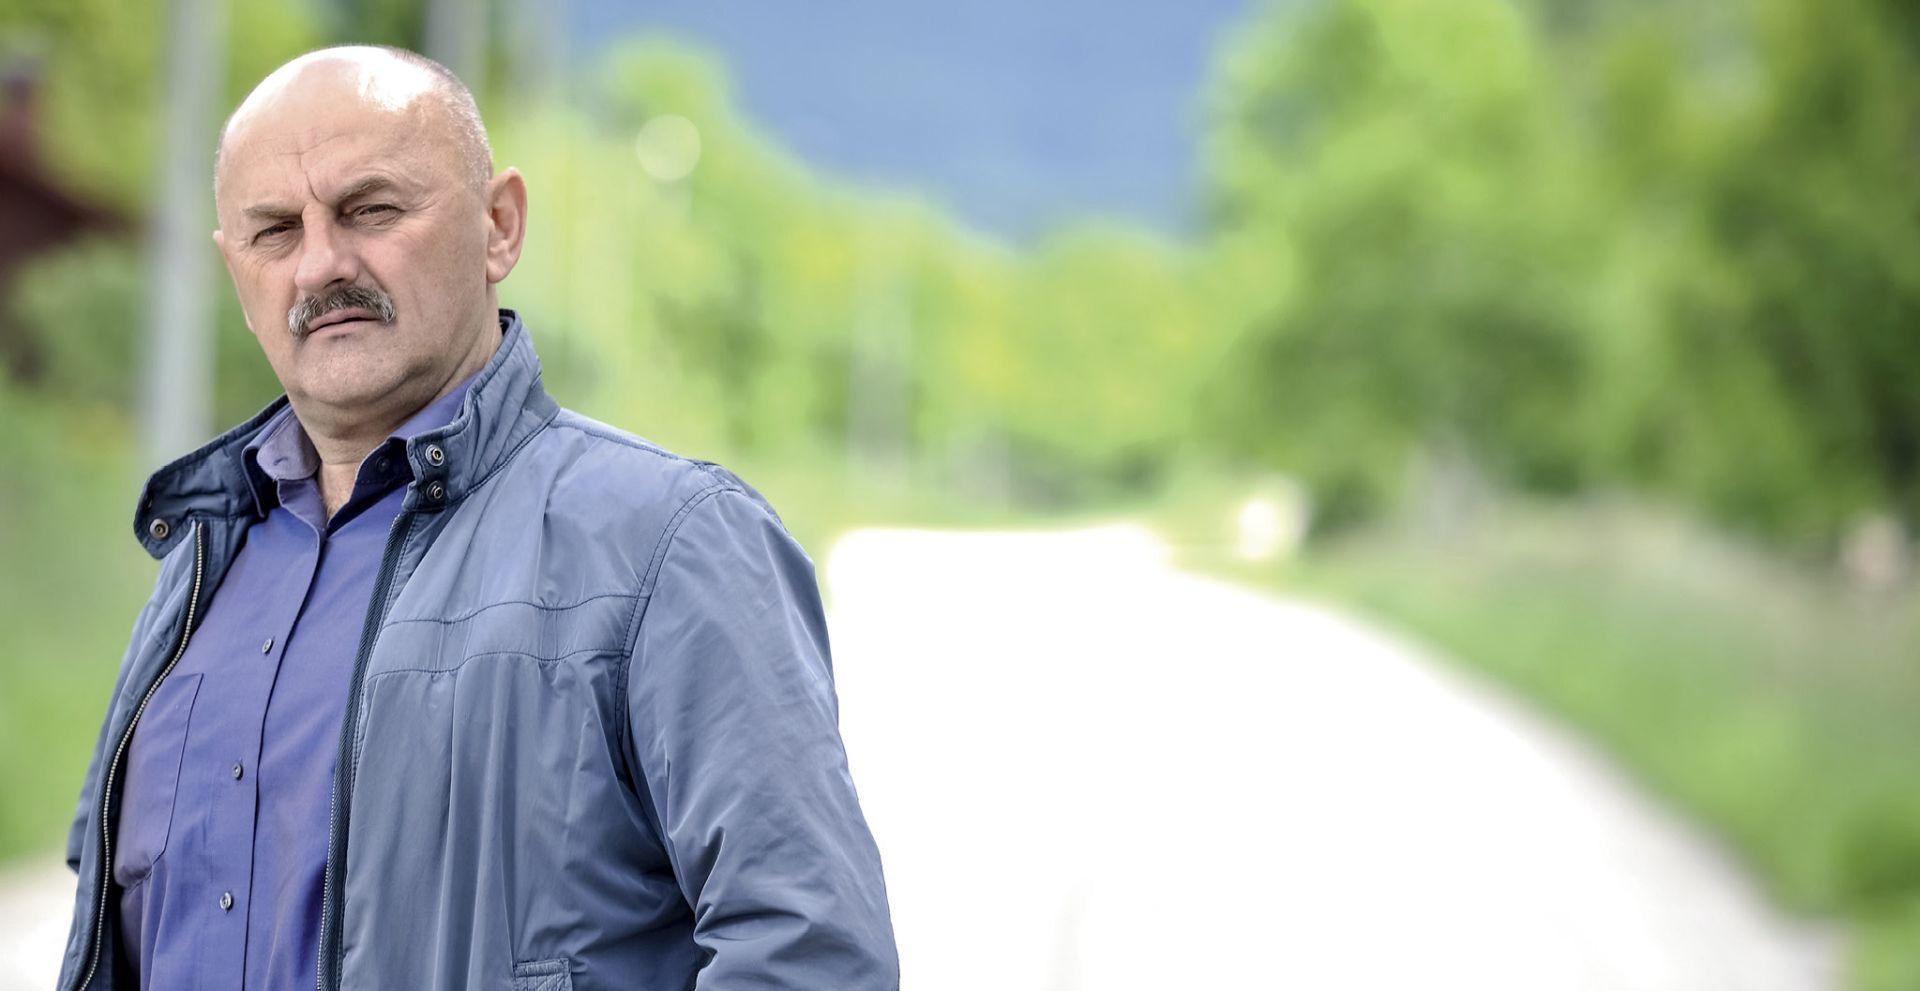 INTERVIEW: KARLO STARČEVIĆ 'Milinović me želi uništiti, on potiče i predvodi nezakonite rabote'